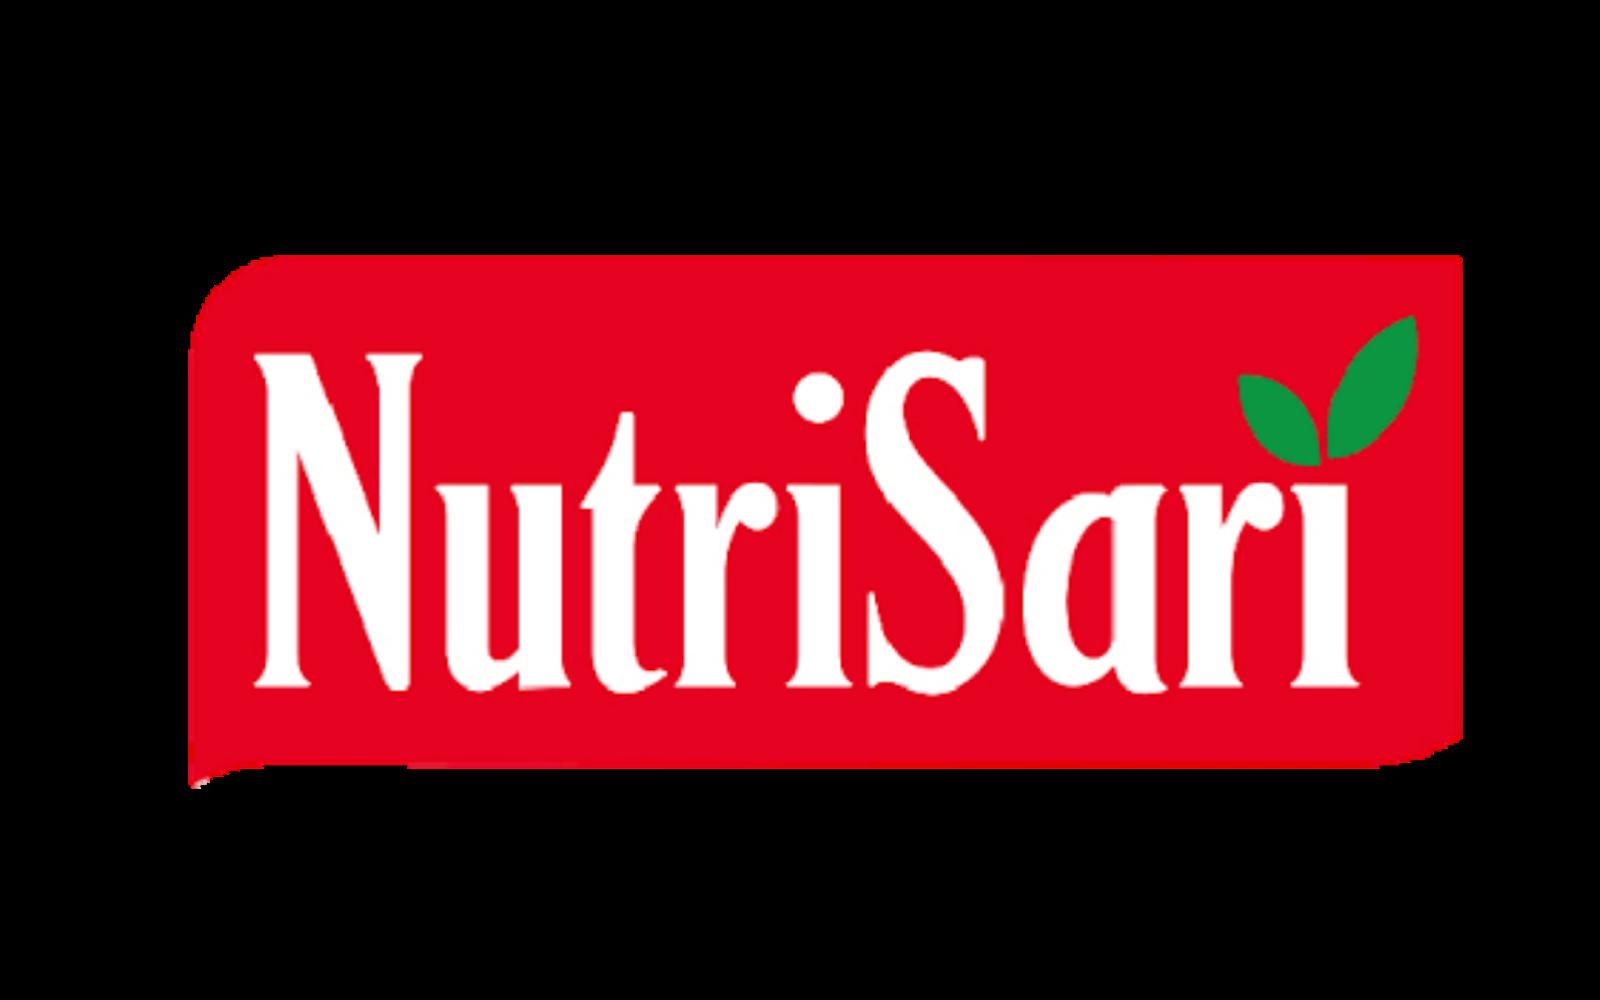 Logo Nutrisari Format PNG